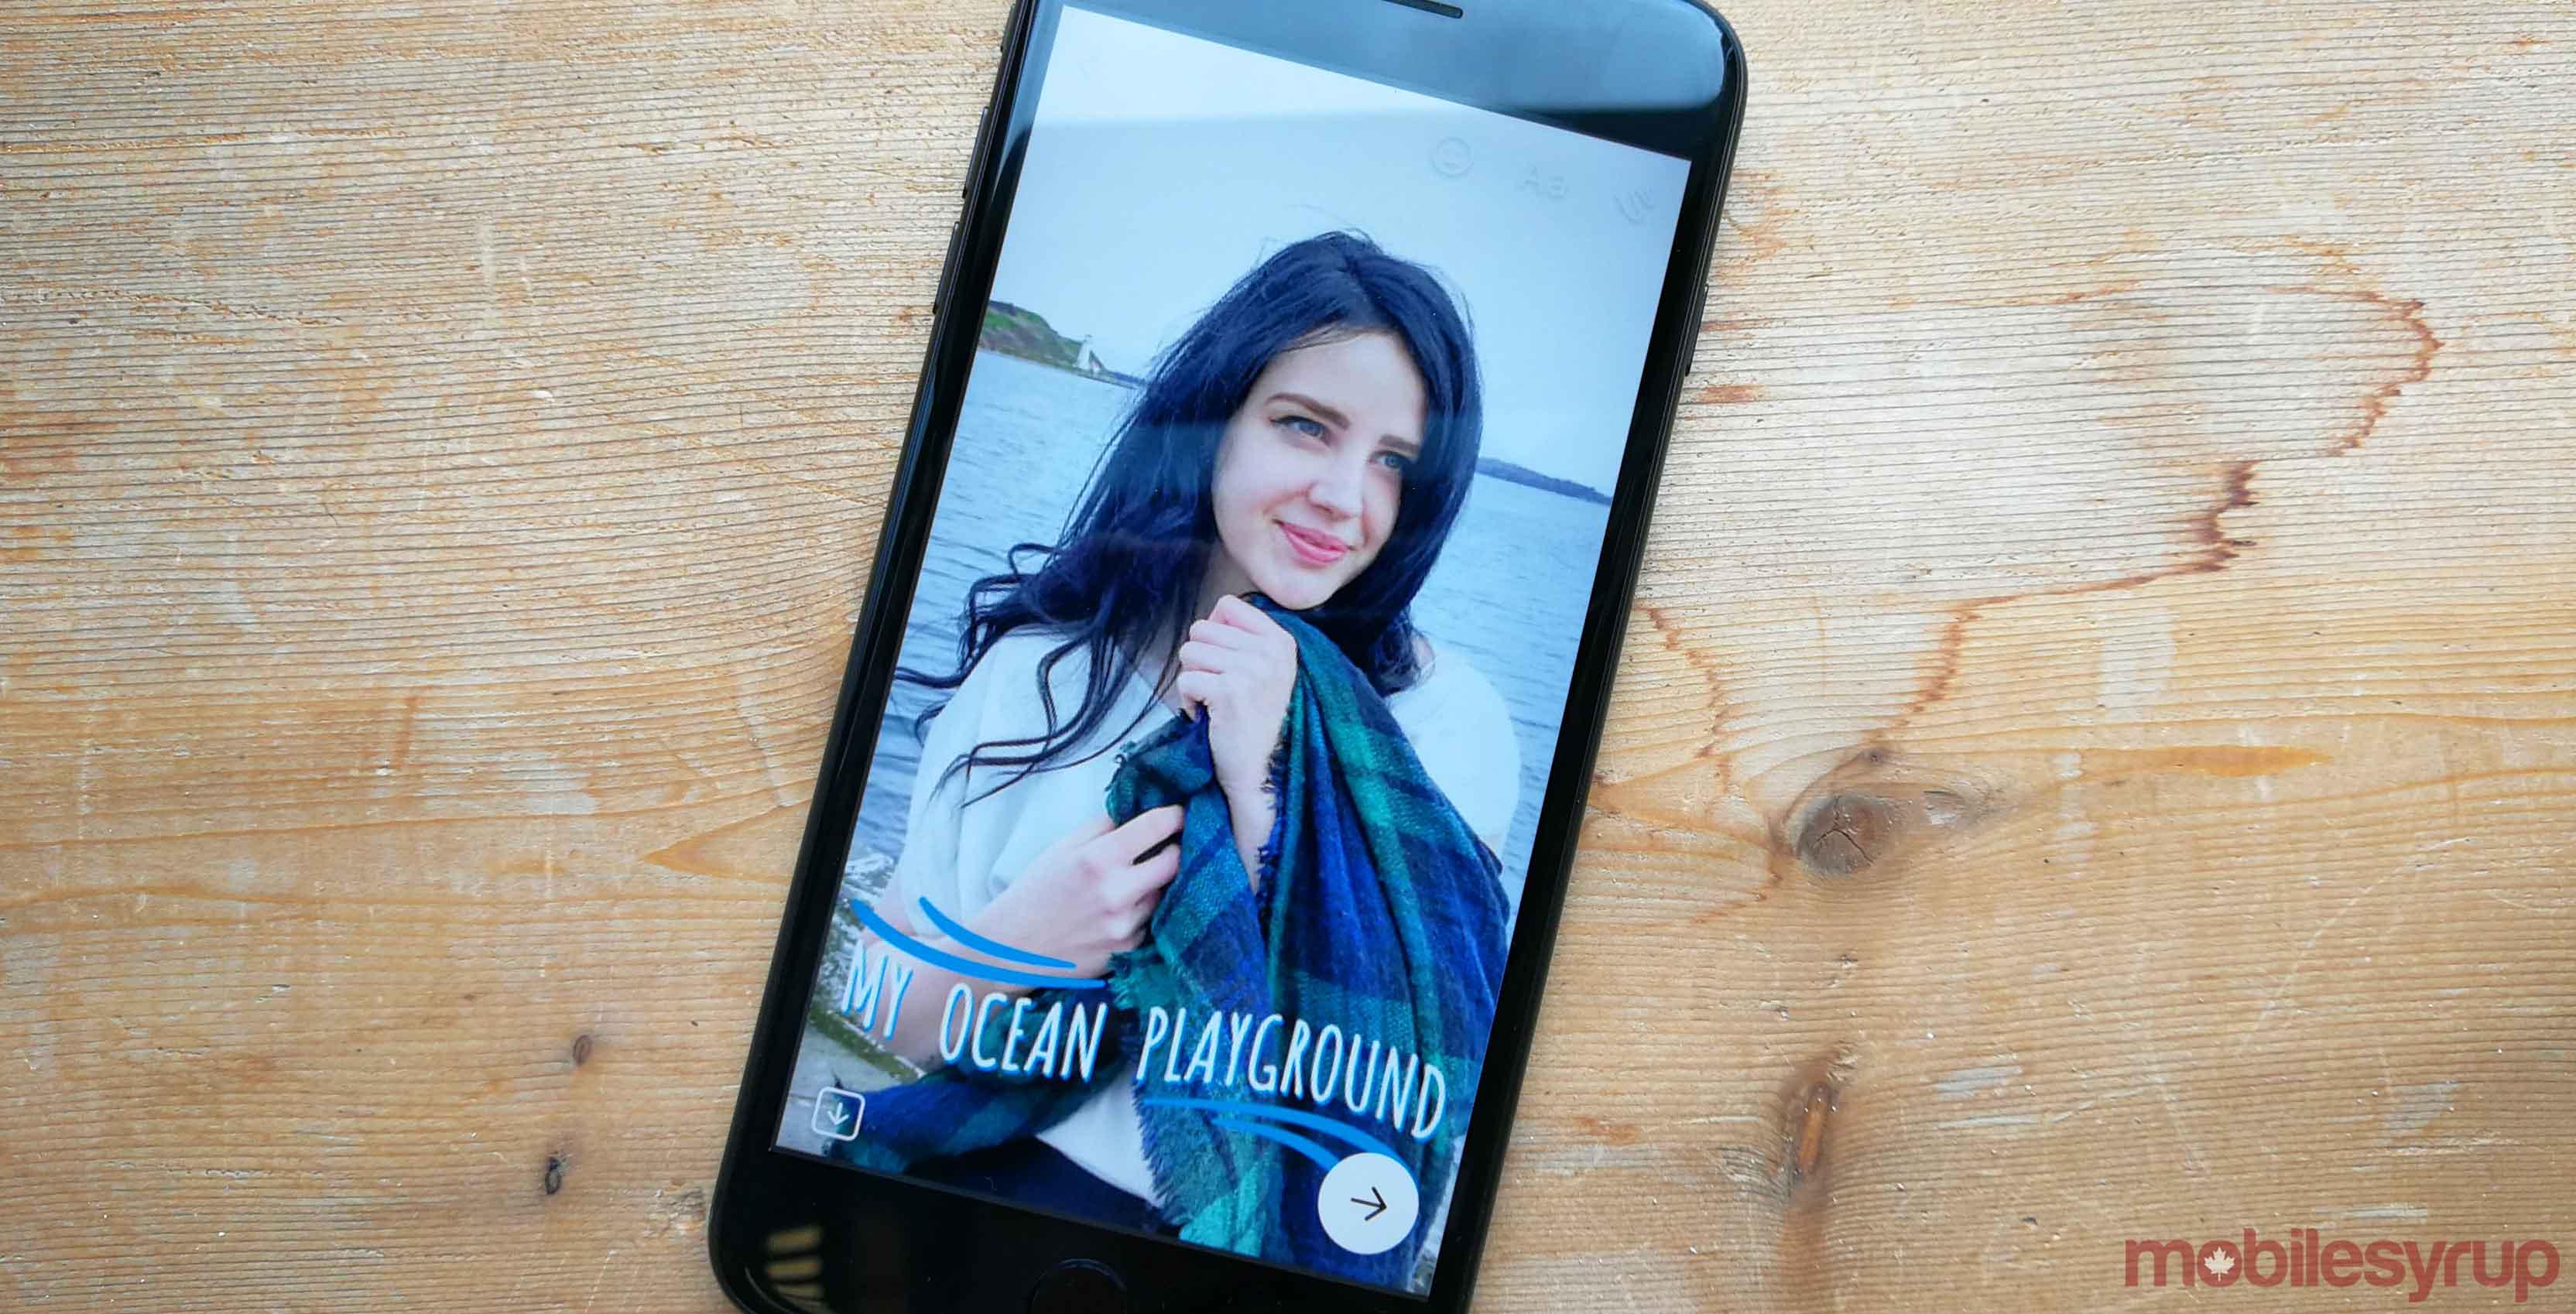 face book frames Canada 150